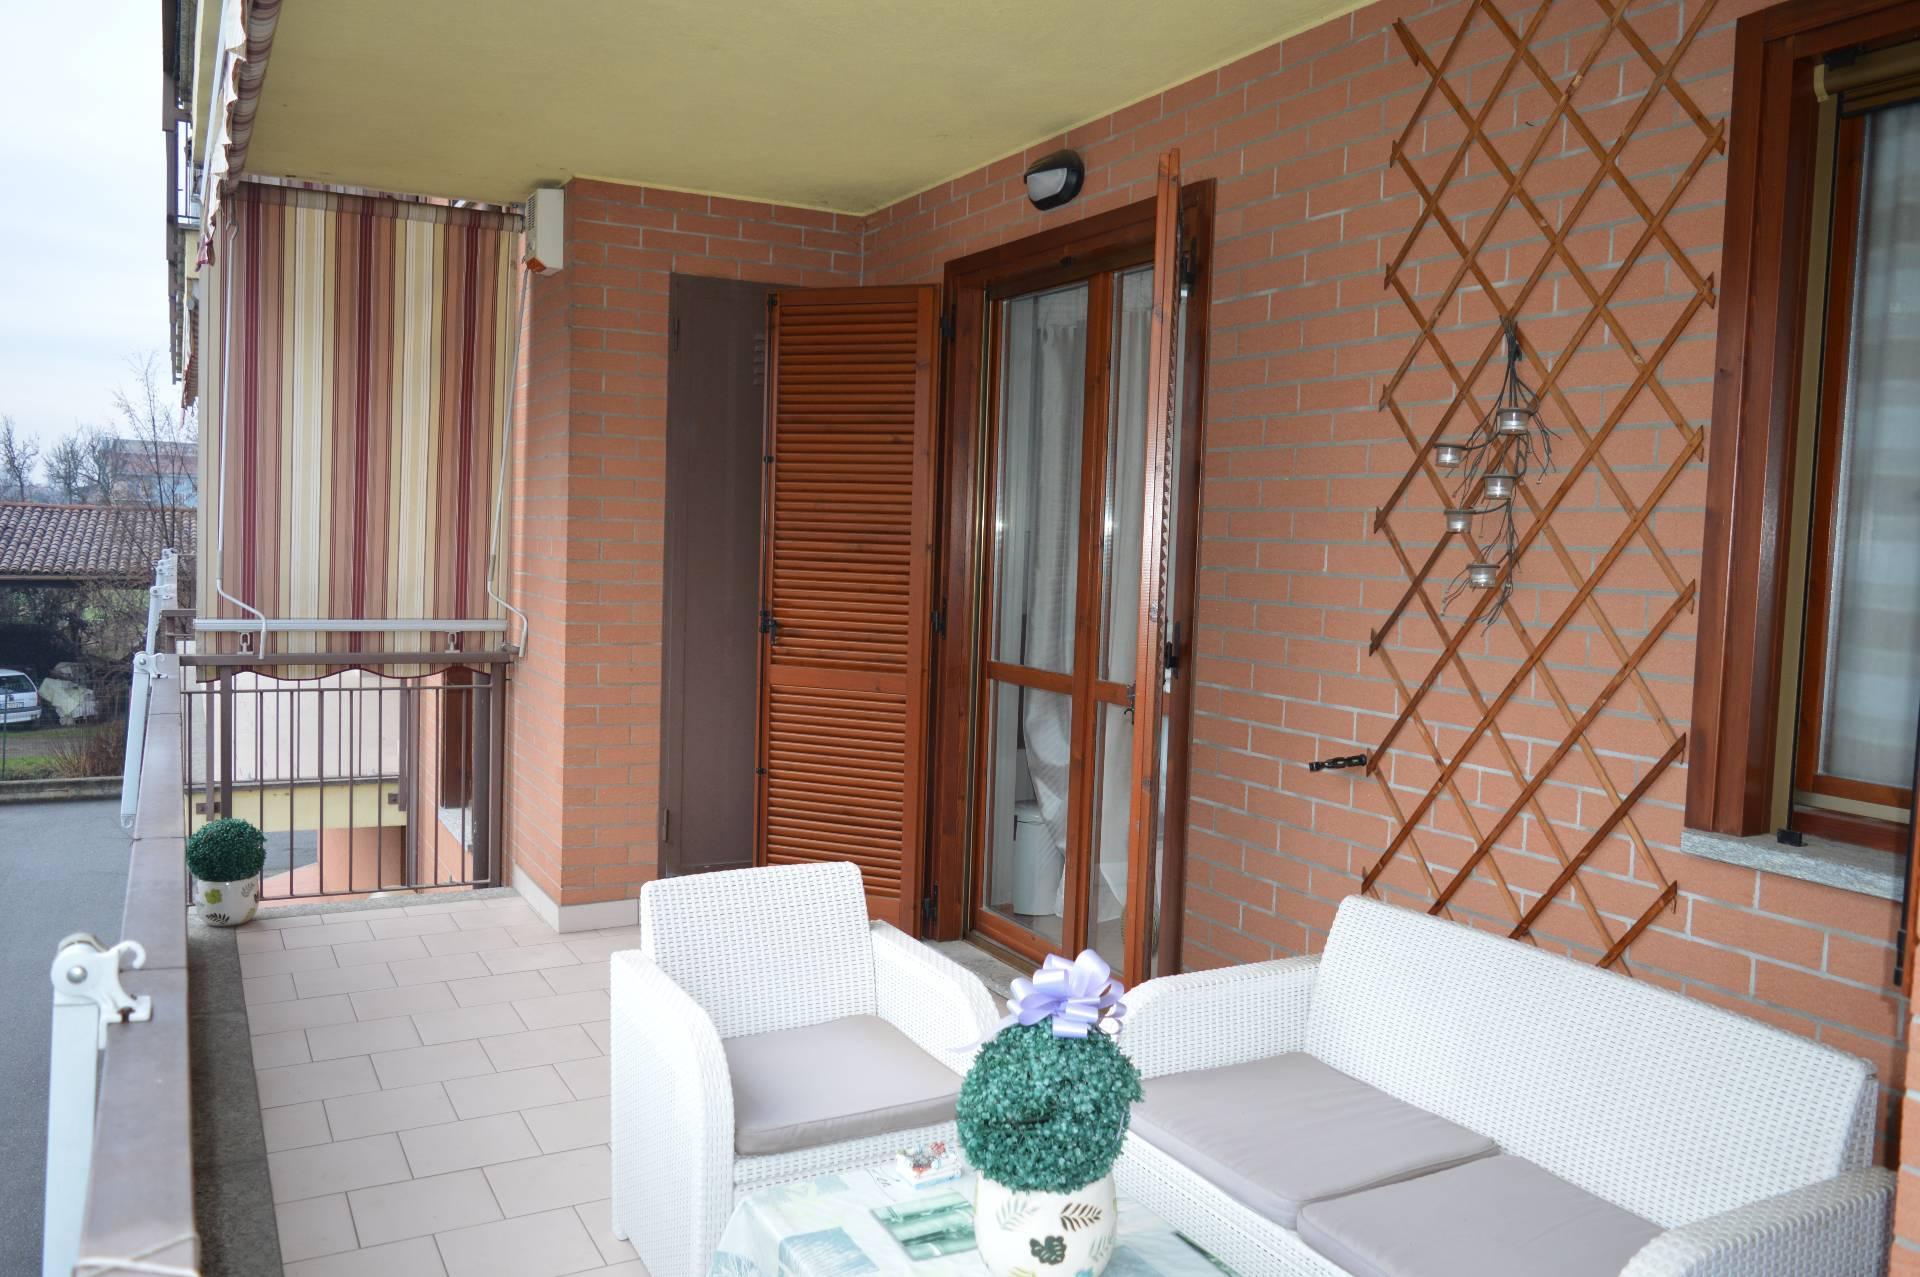 Appartamento in vendita a Mappano, 3 locali, prezzo € 129.500 | PortaleAgenzieImmobiliari.it